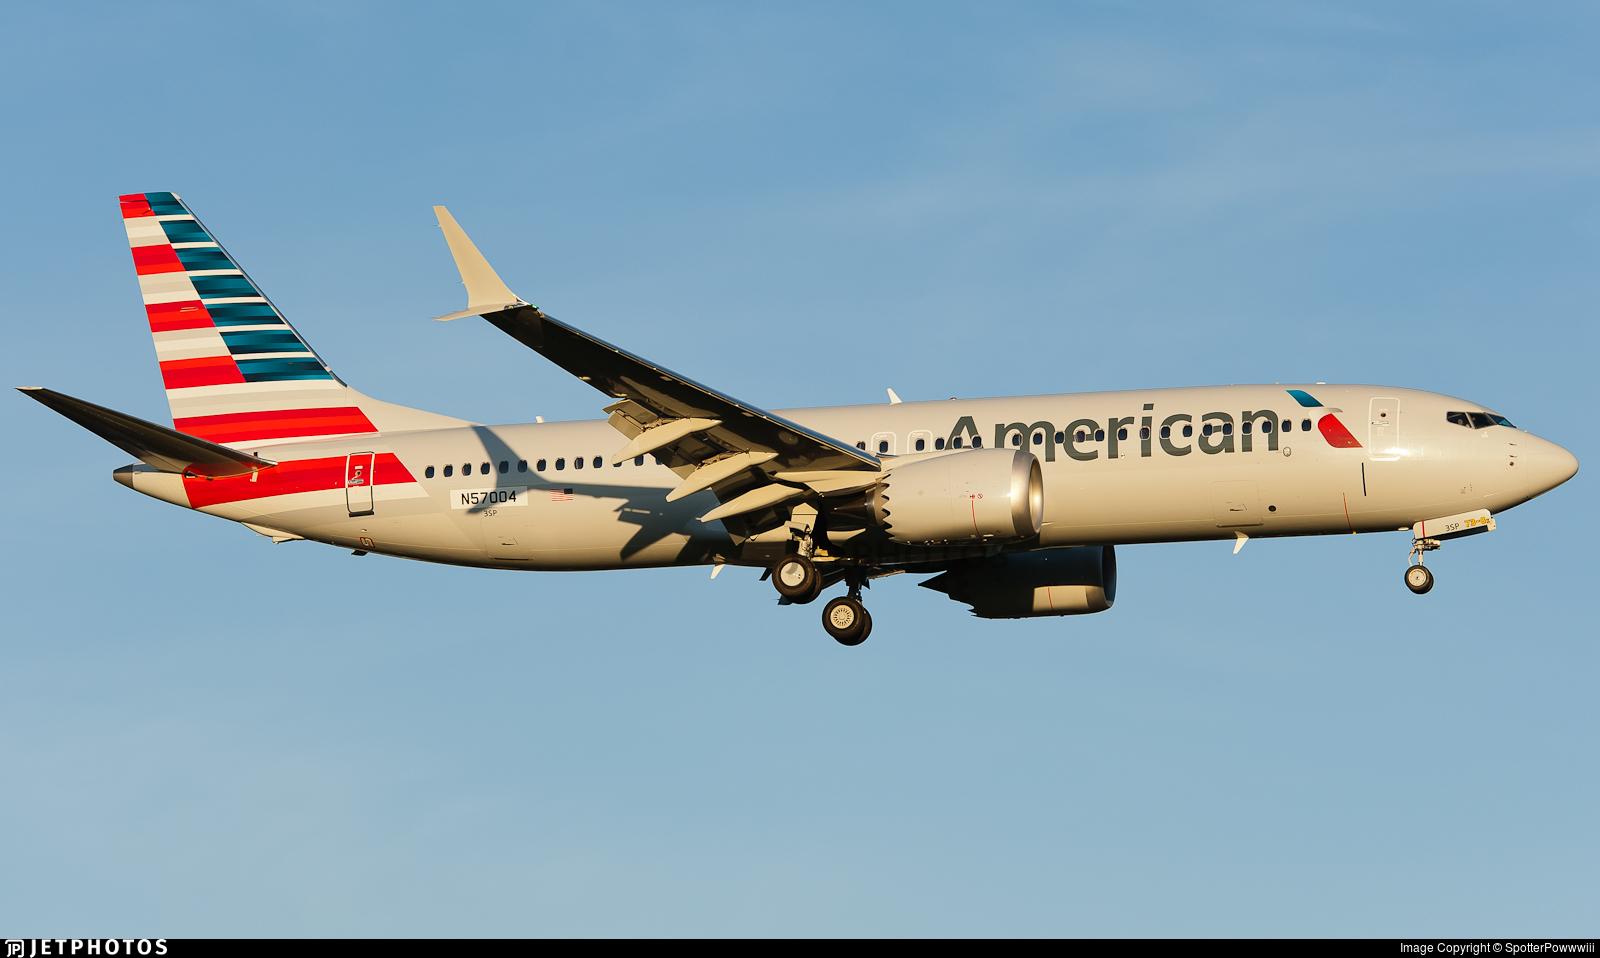 N57004 - Boeing 737-8 MAX - American Airlines